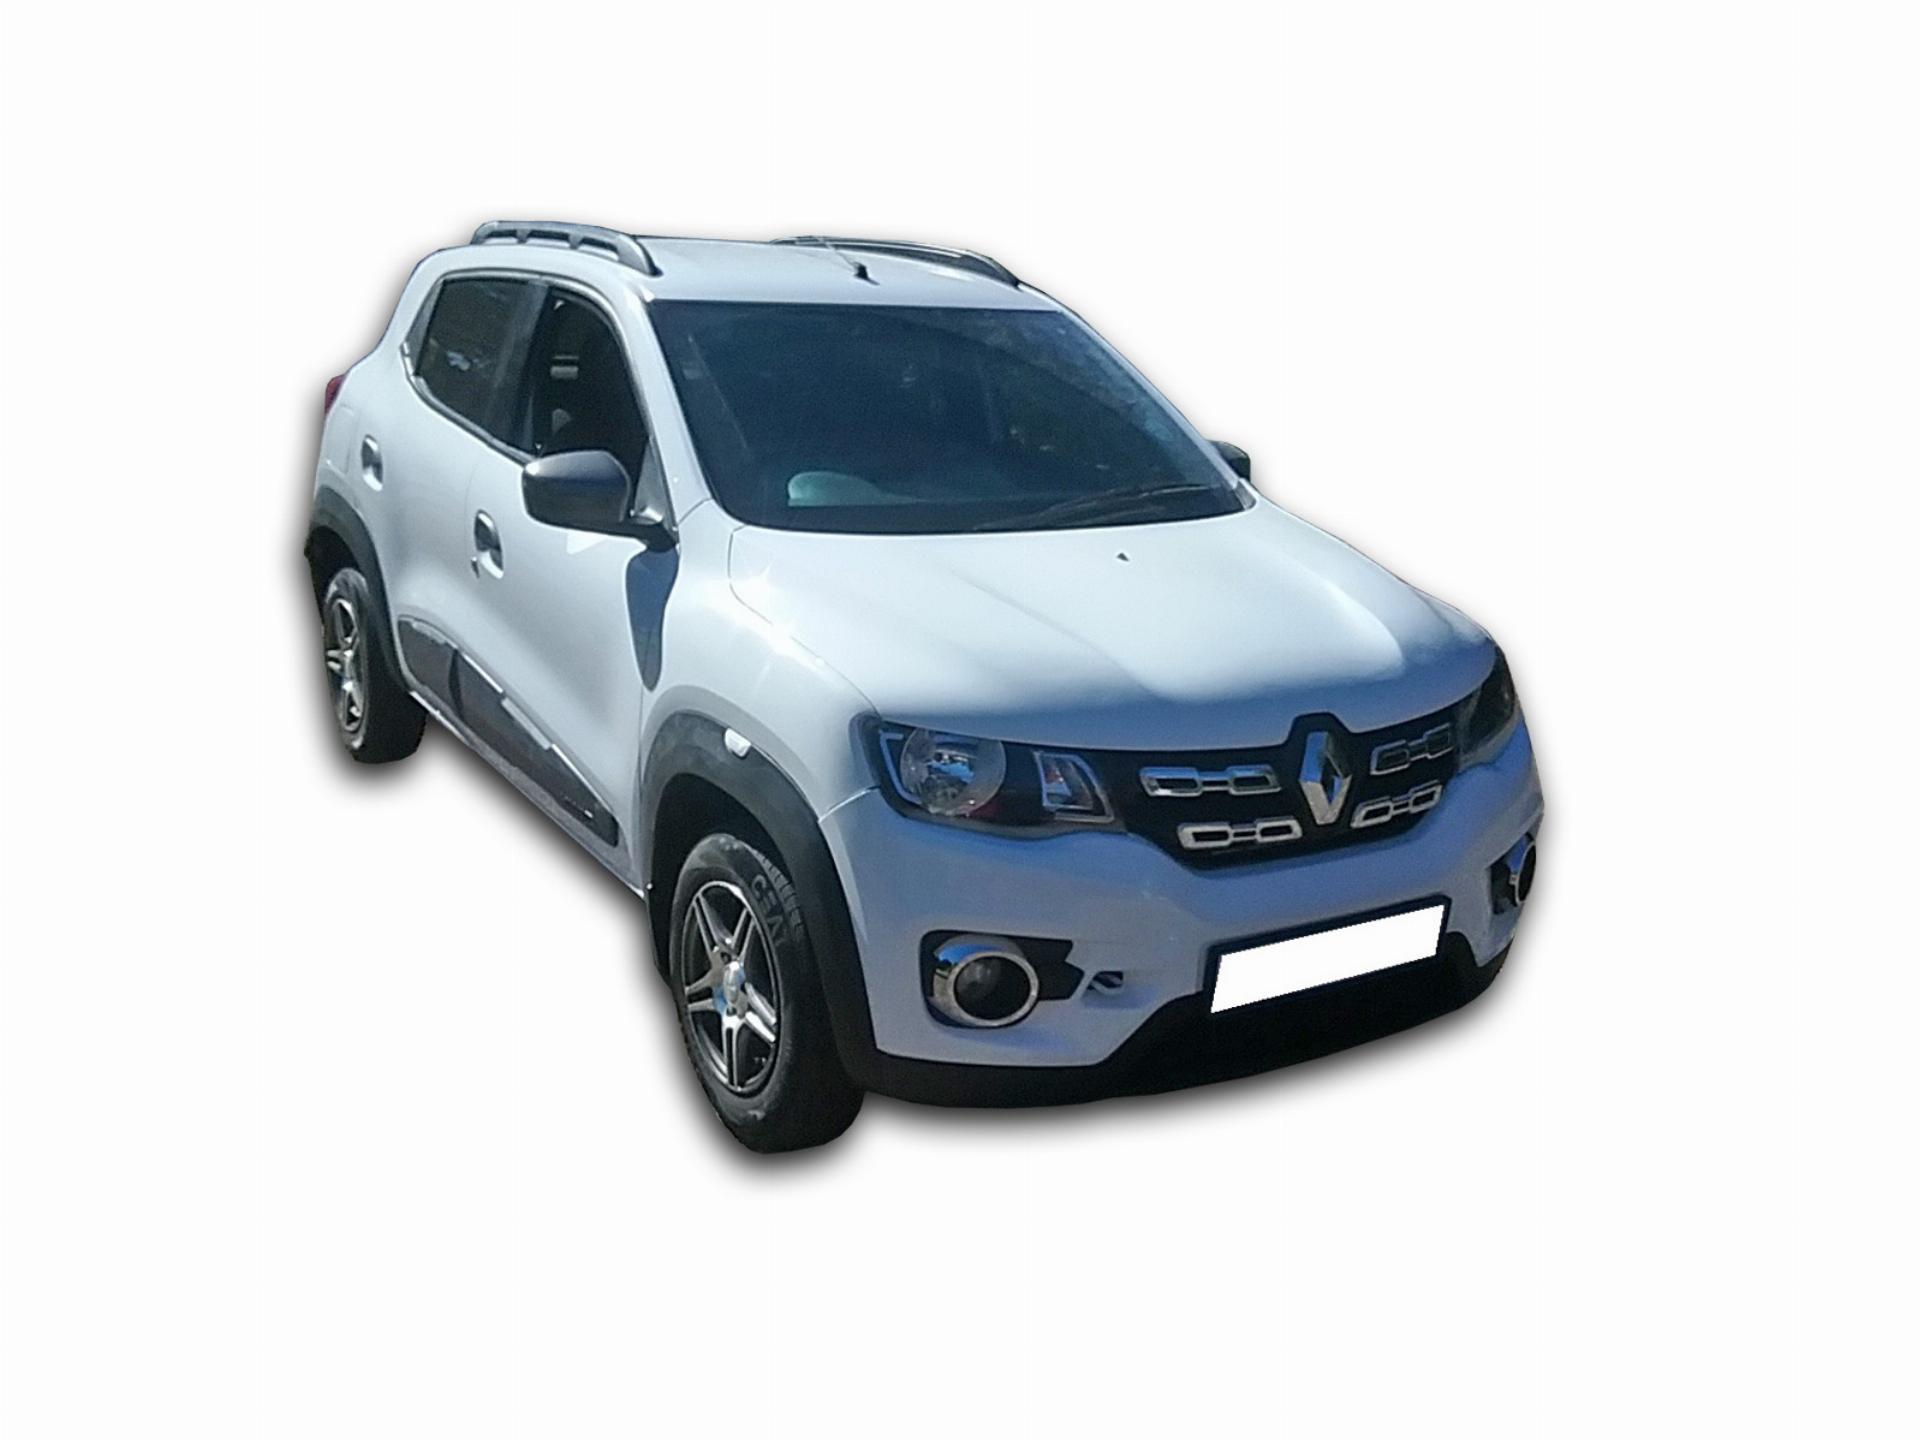 Renault Kwid 1.0 Automatic